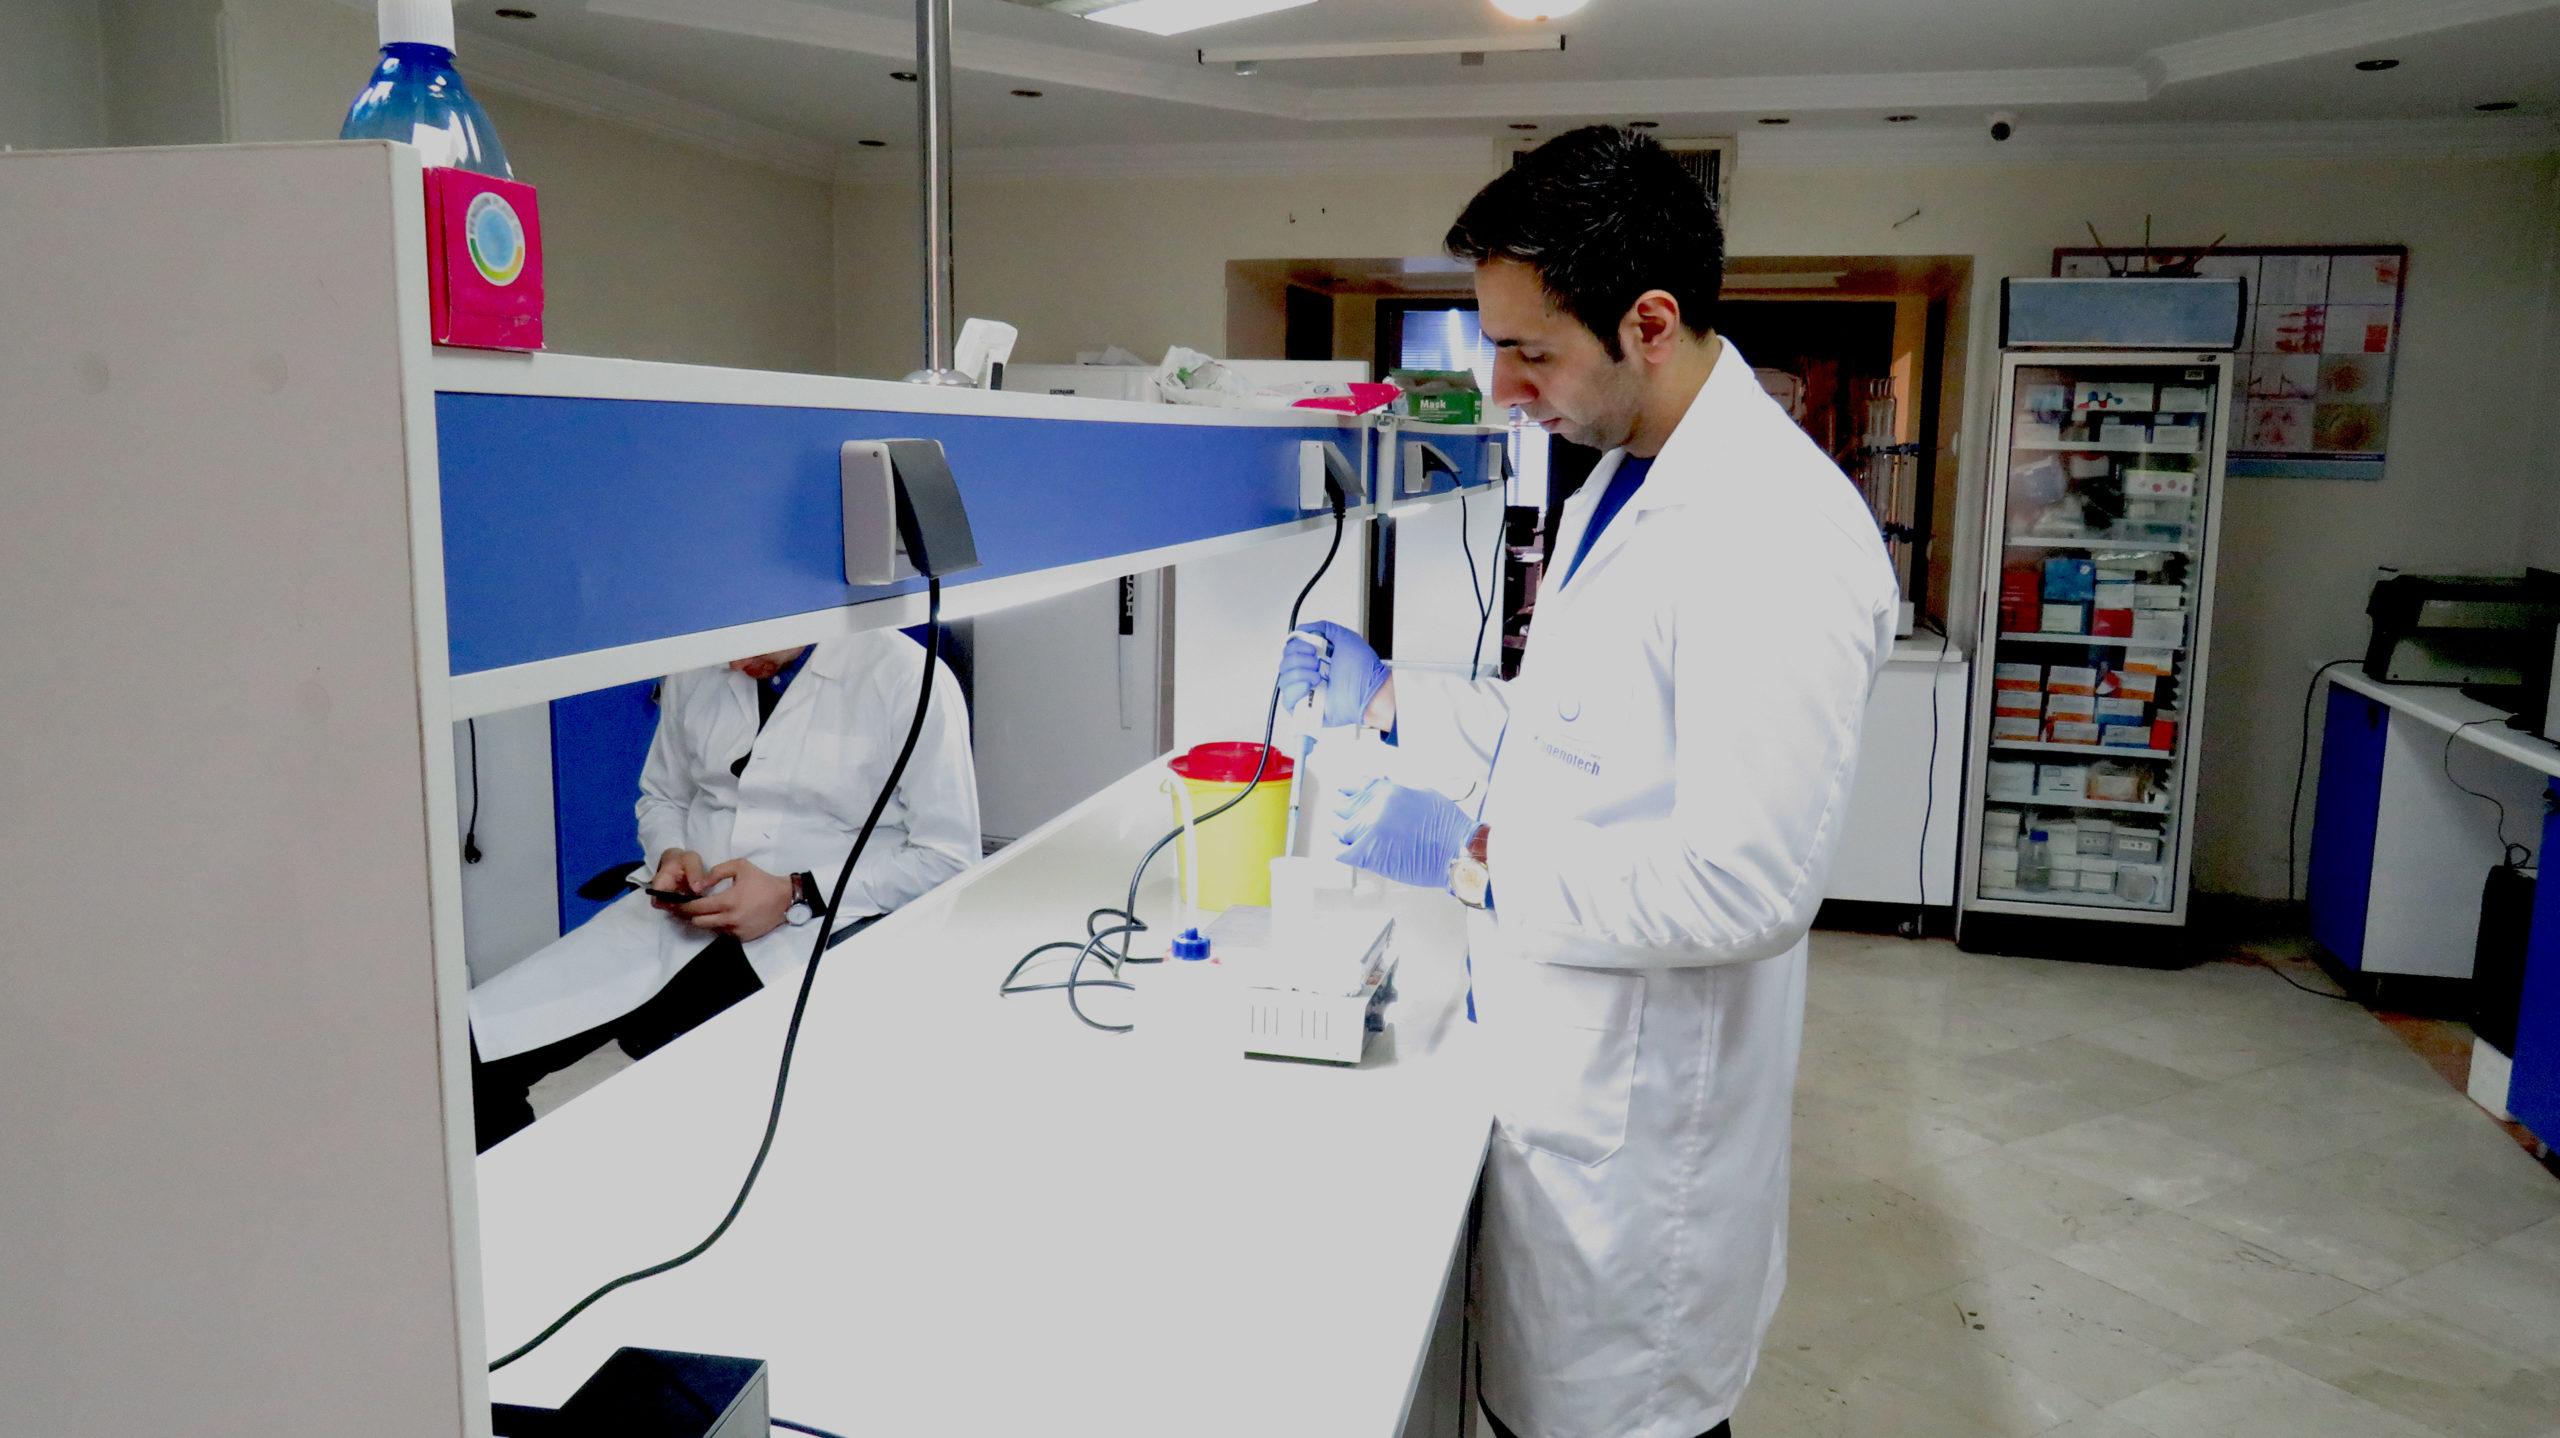 توليد نانو ذرات و نانوساختارها با رويكرد پژوهشي درماني